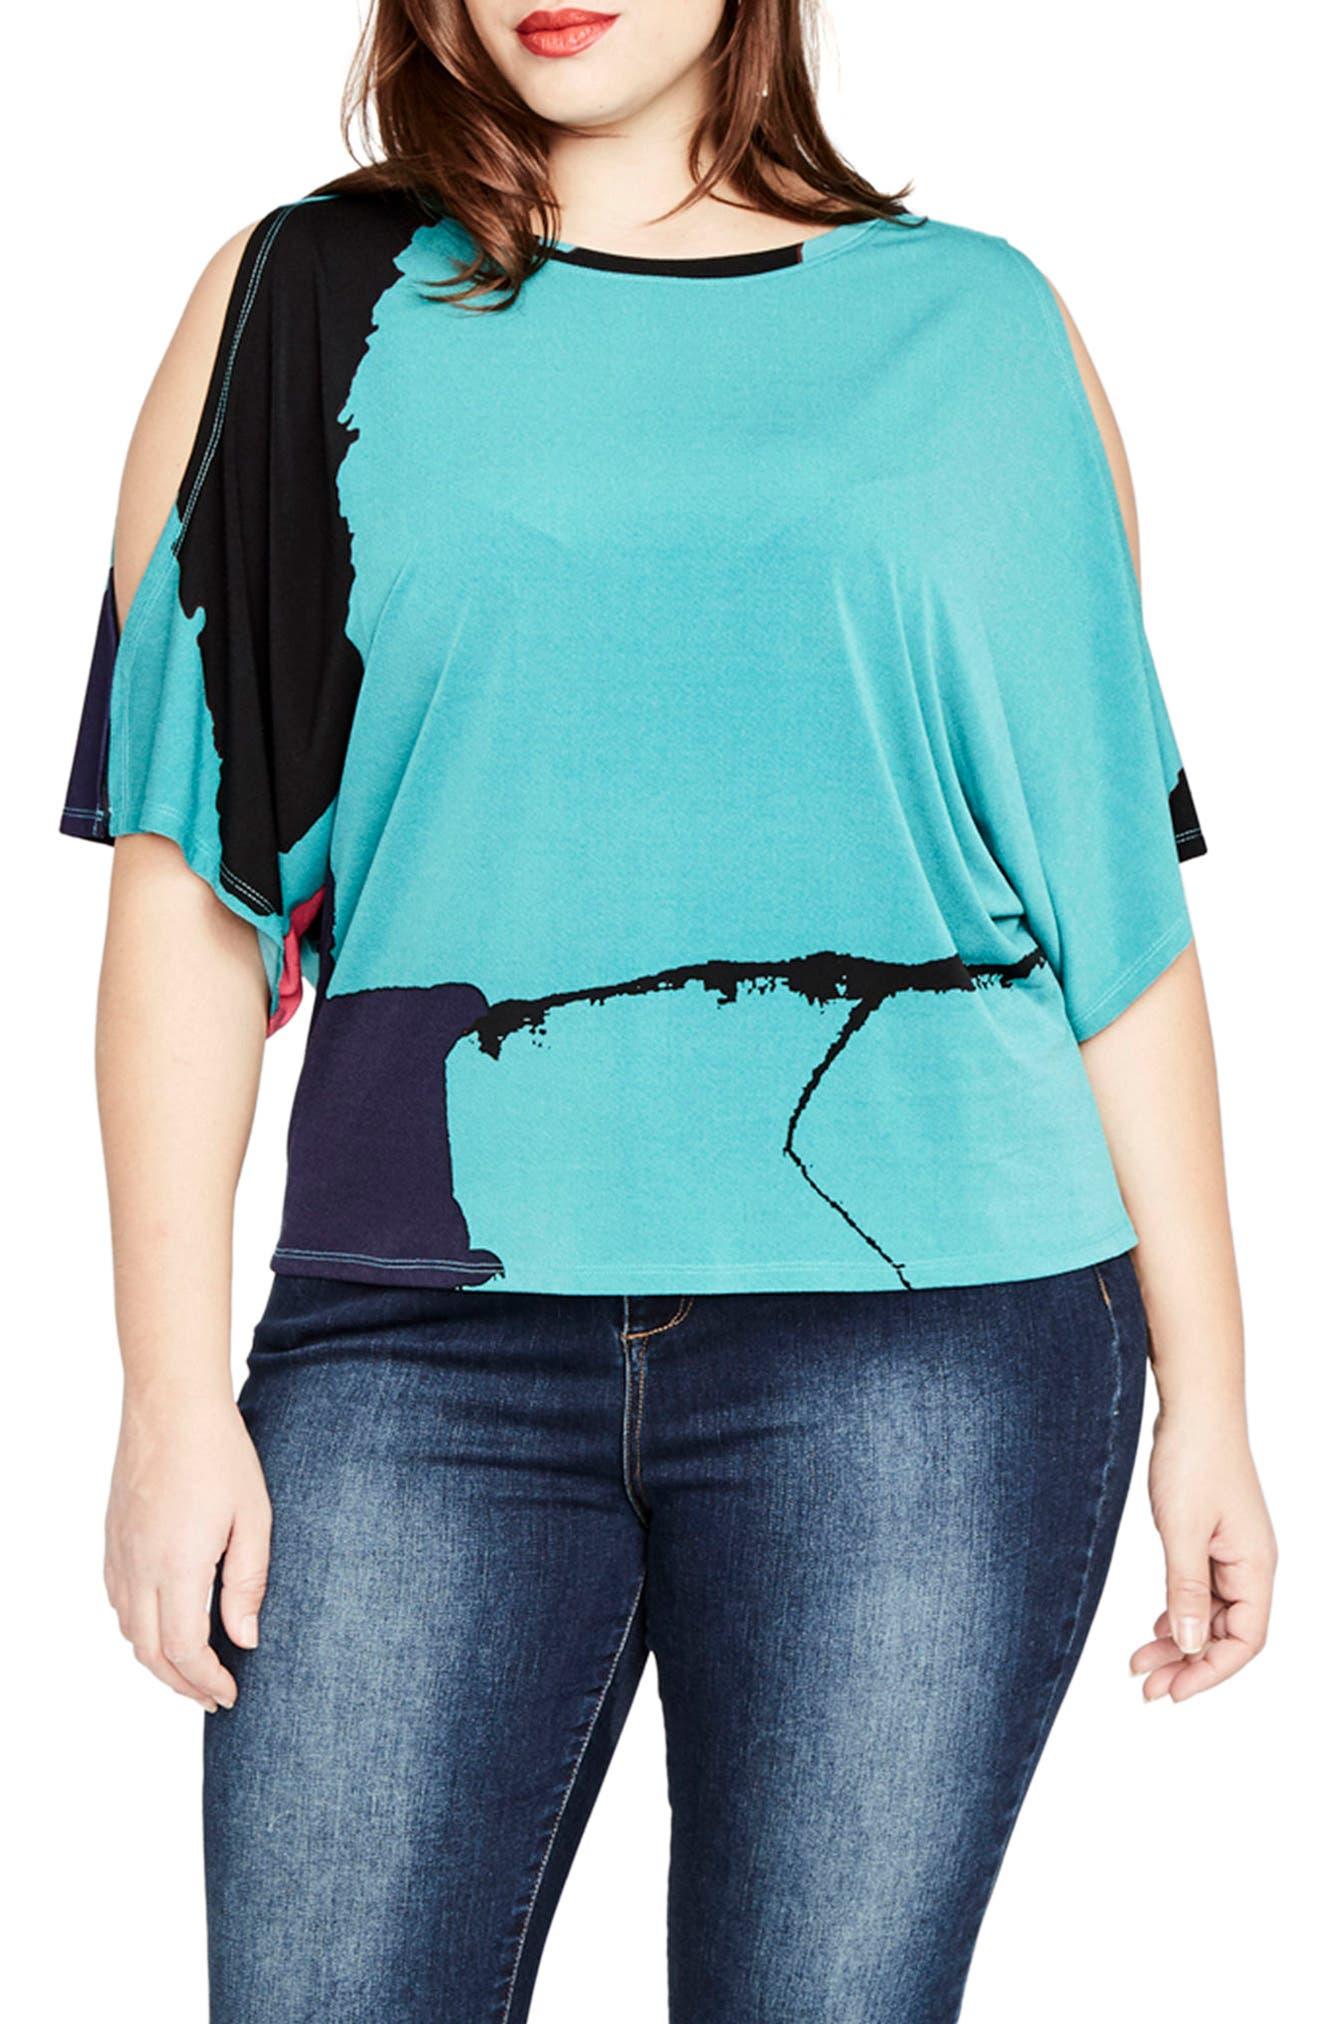 Main Image - Rachel Roy Print Cold Shoulder Top (Plus Size)